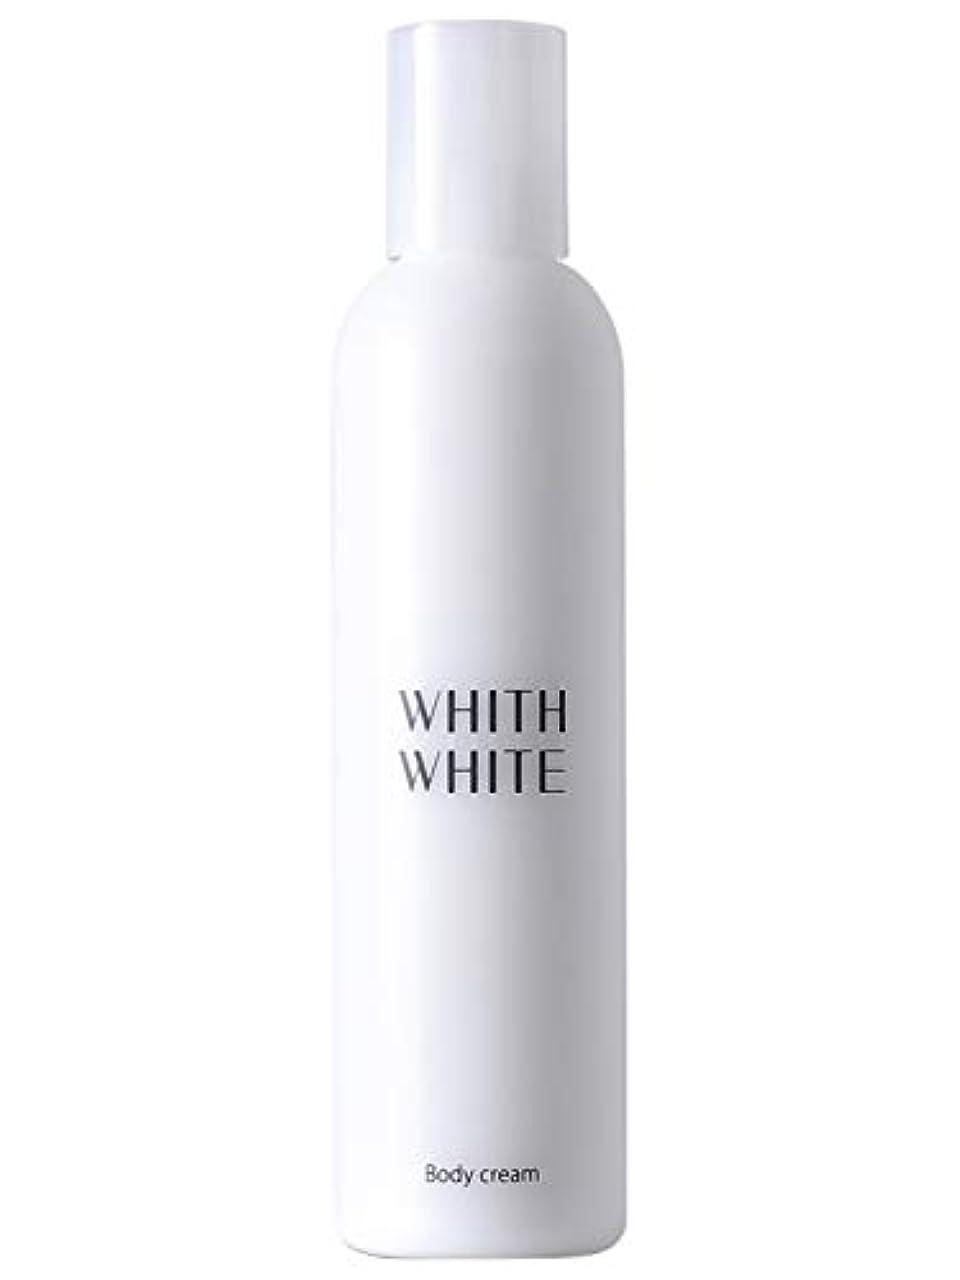 公甘い高度なフィス ホワイト 保湿 ボディクリーム 「顔 かかと 全身 乾燥肌 しみ くすみ 用 エモリエント 保湿クリーム 」200g